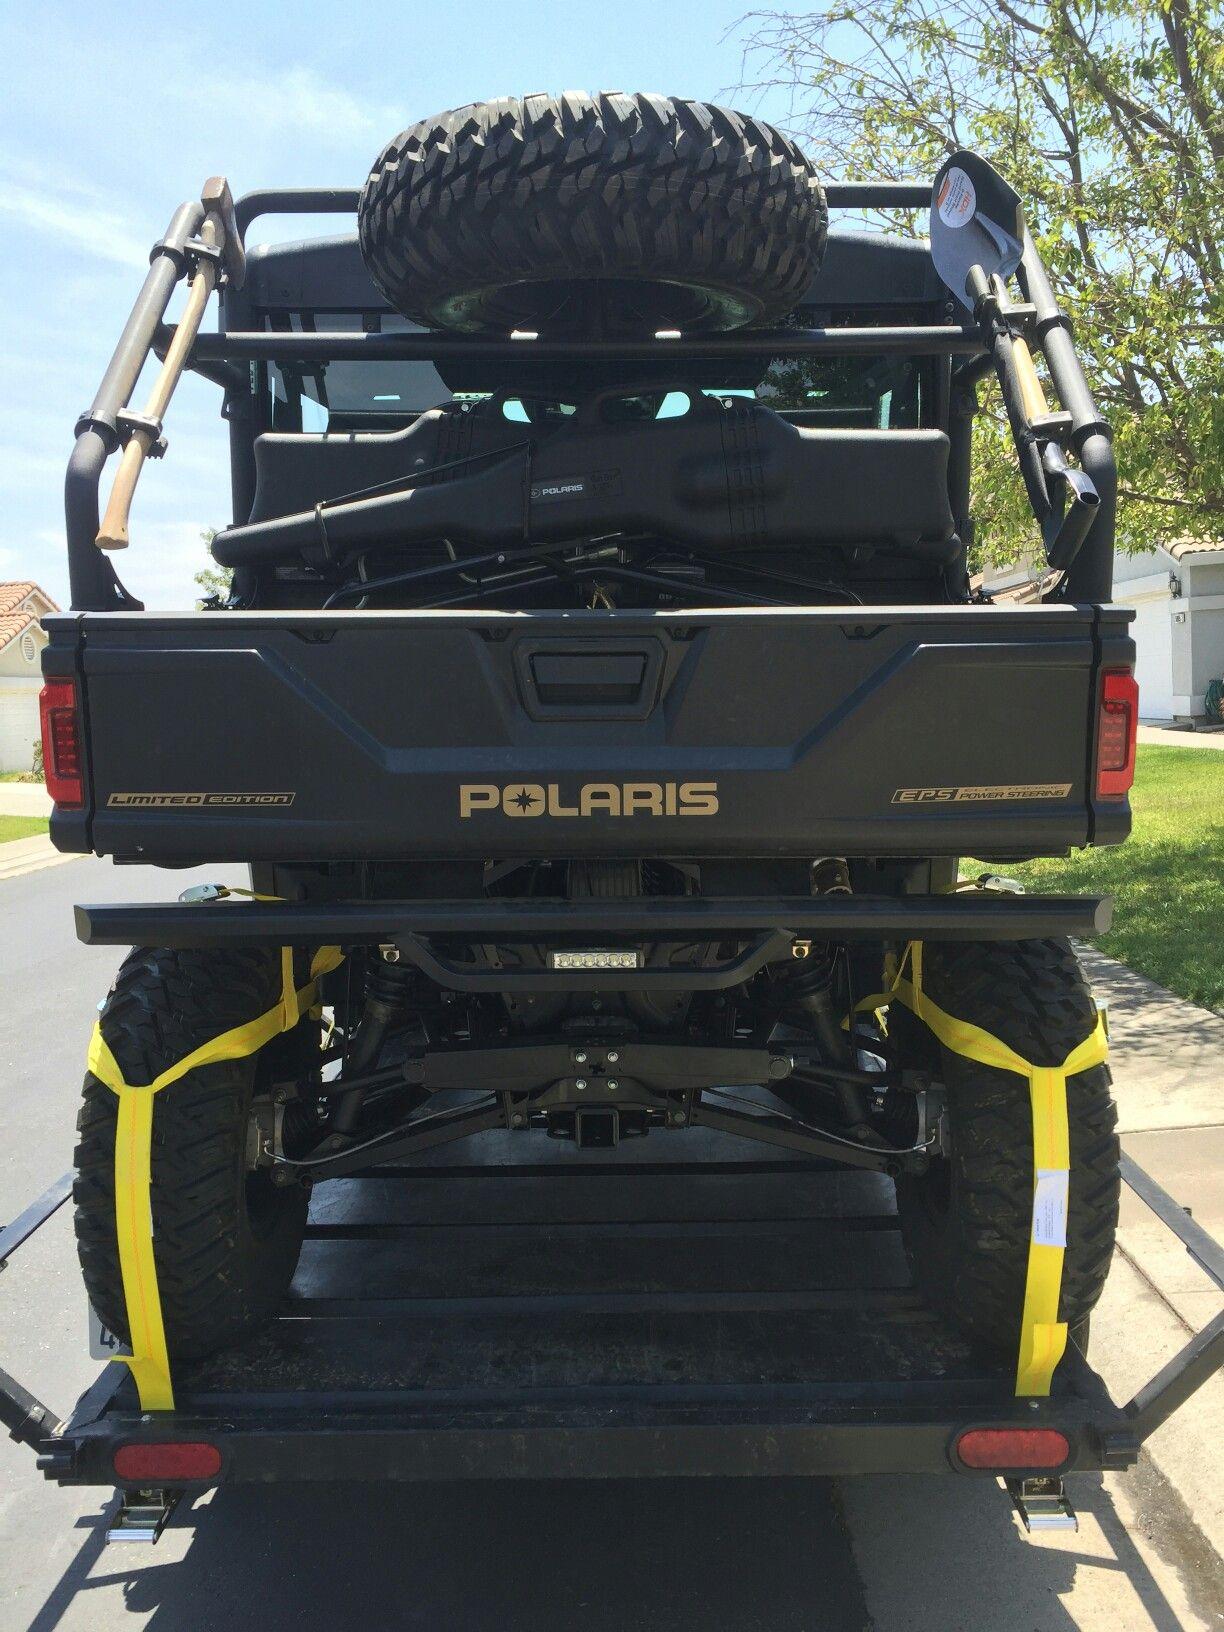 Polaris Ranger Bed Roll Bar Polaris Ranger Xp 900 Ranger Polaris Ranger